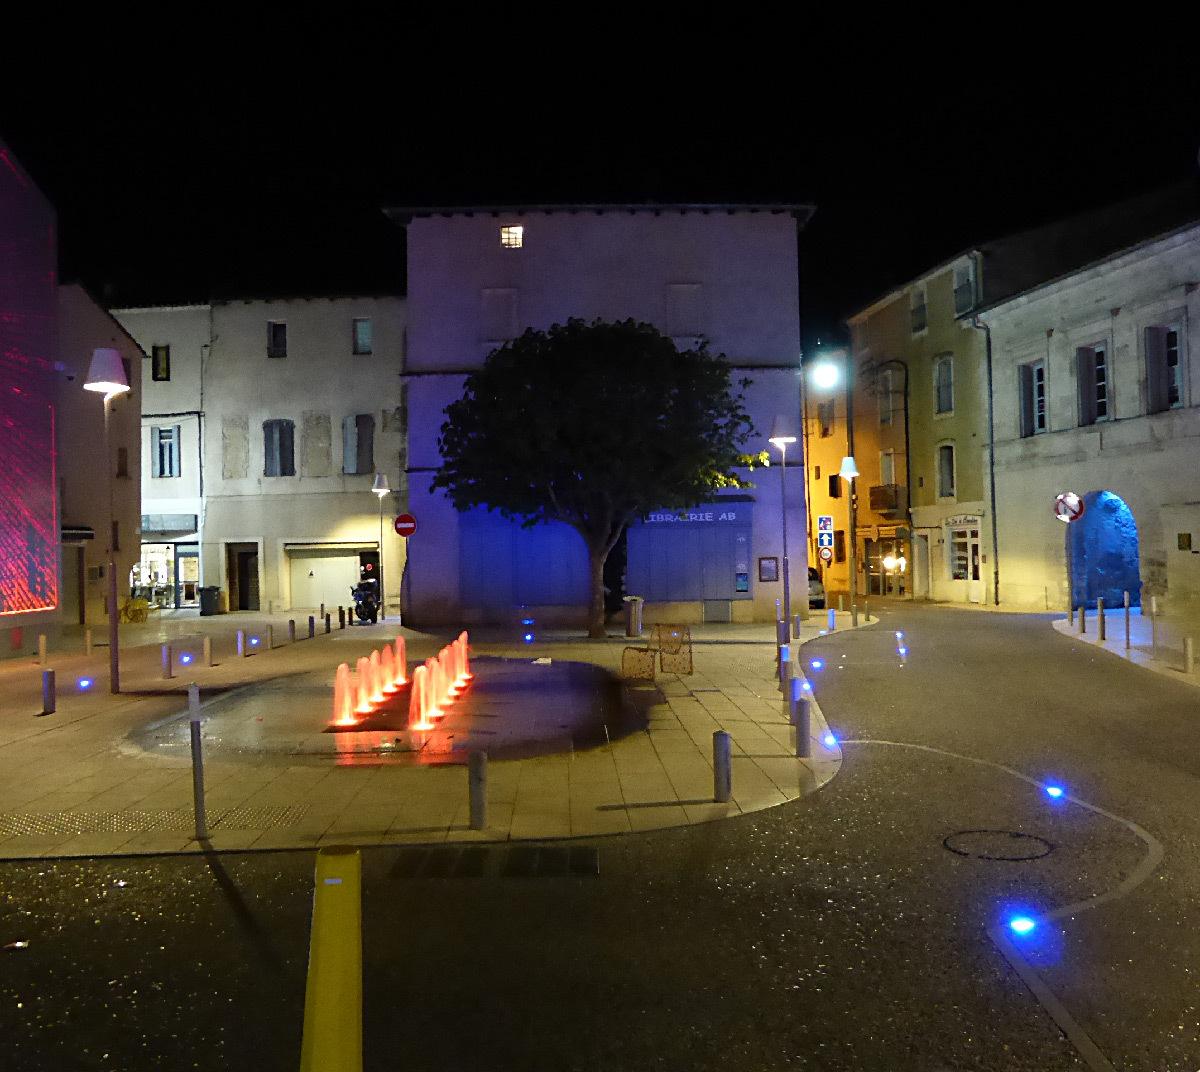 Place Louis Rey, Lunel, France - Architecte urbaniste : Lebunetel + Associes - Concepteur lumière : ECL Studio - Dampere - Graphiste : Eric Pol Simon © Yves Bral